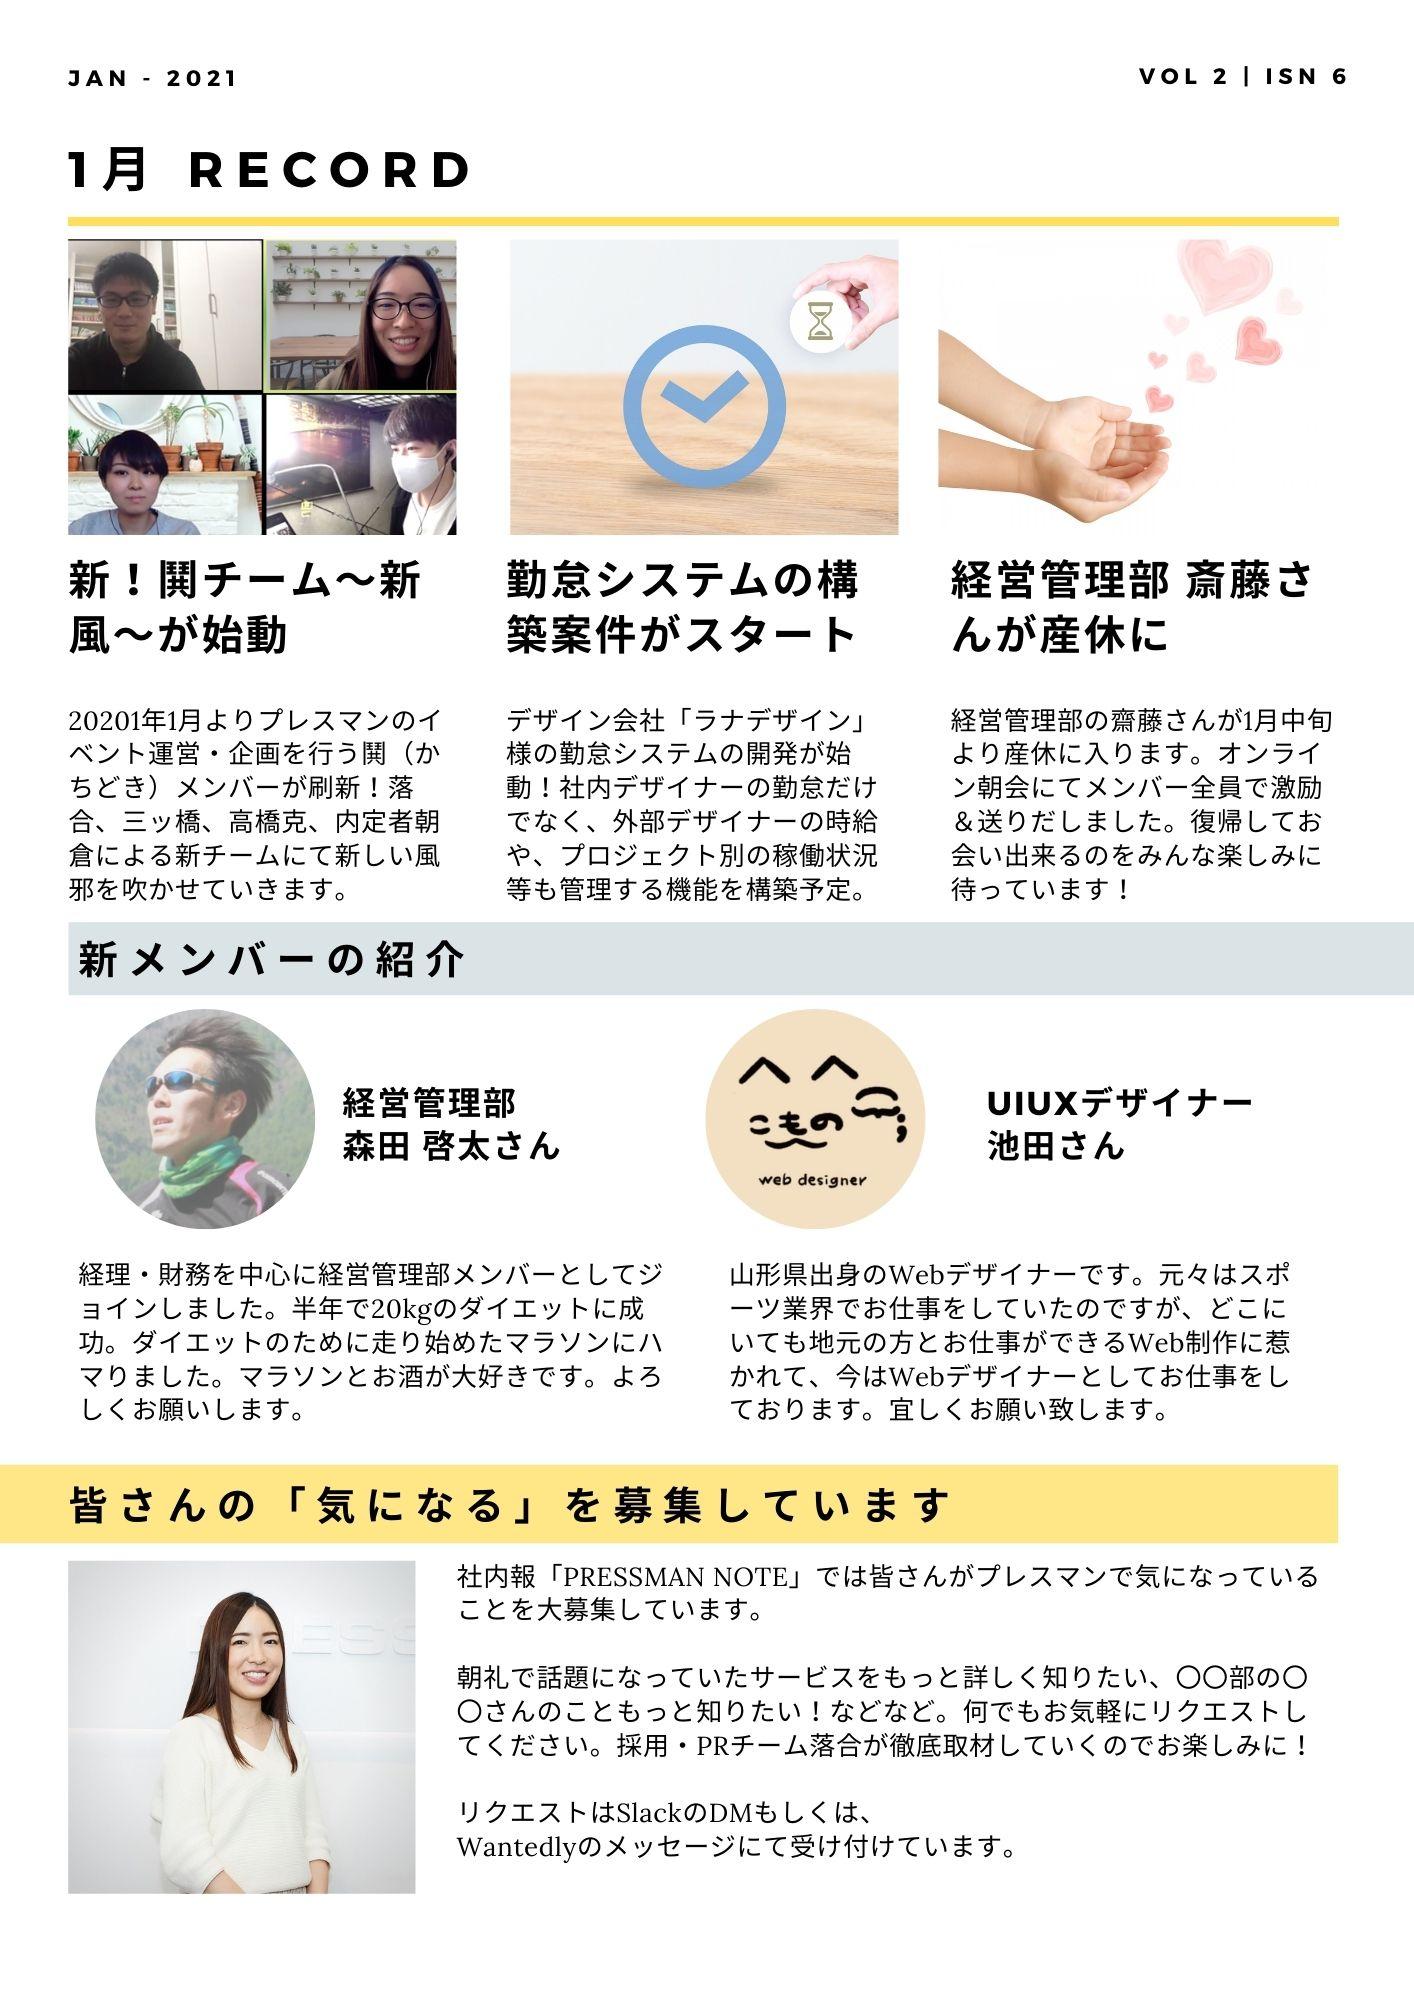 社内報 1月トピックス 新メンバー